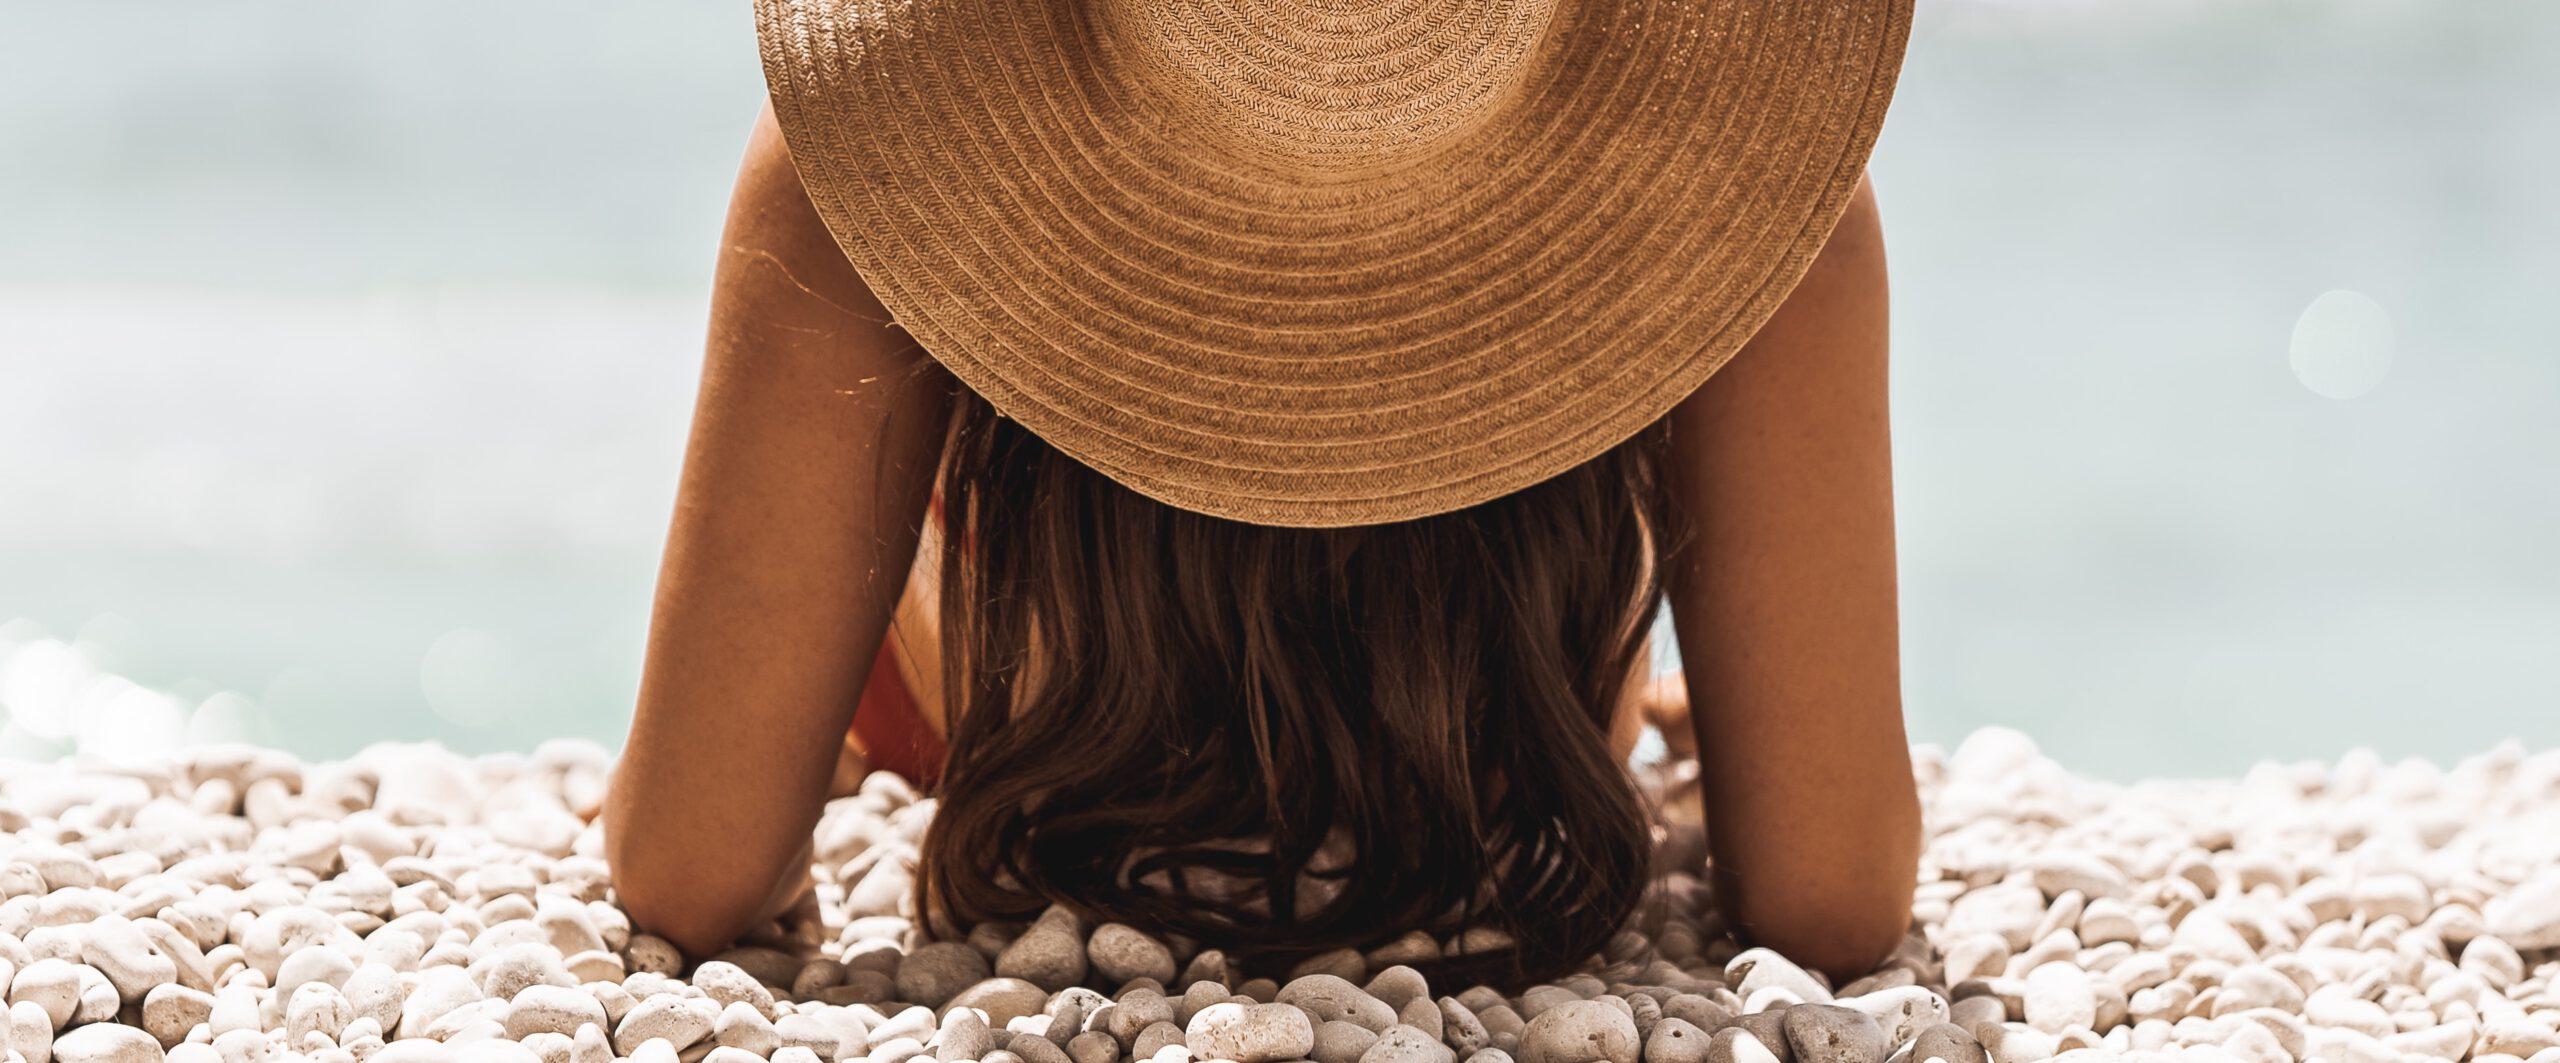 Τι πρέπει να κάνεις πριν φύγεις διακοπές για να αποκτήσεις το ιδανικό μαύρισμα